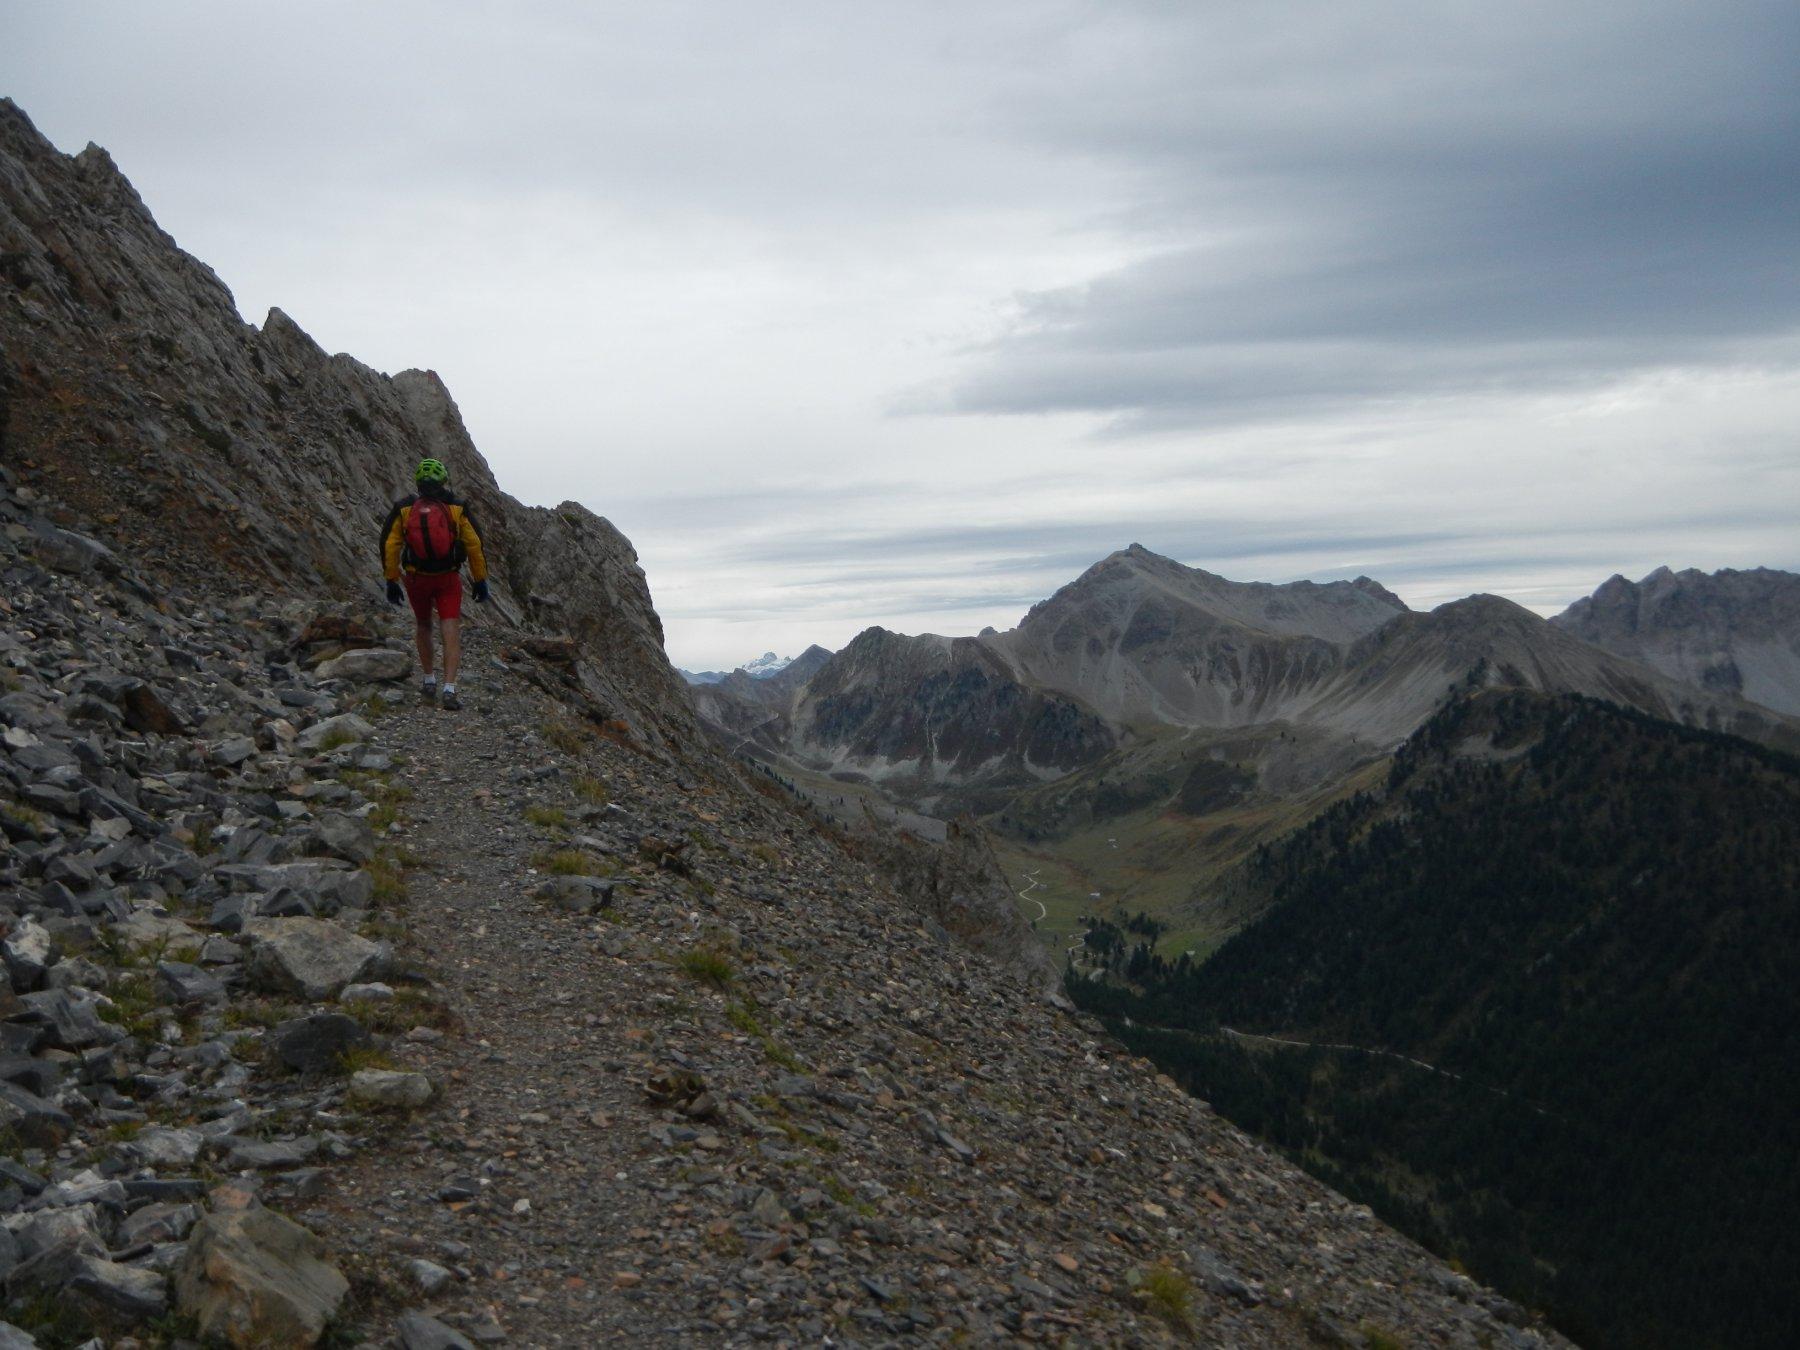 il tratto a piedi verso quota 2452 m.